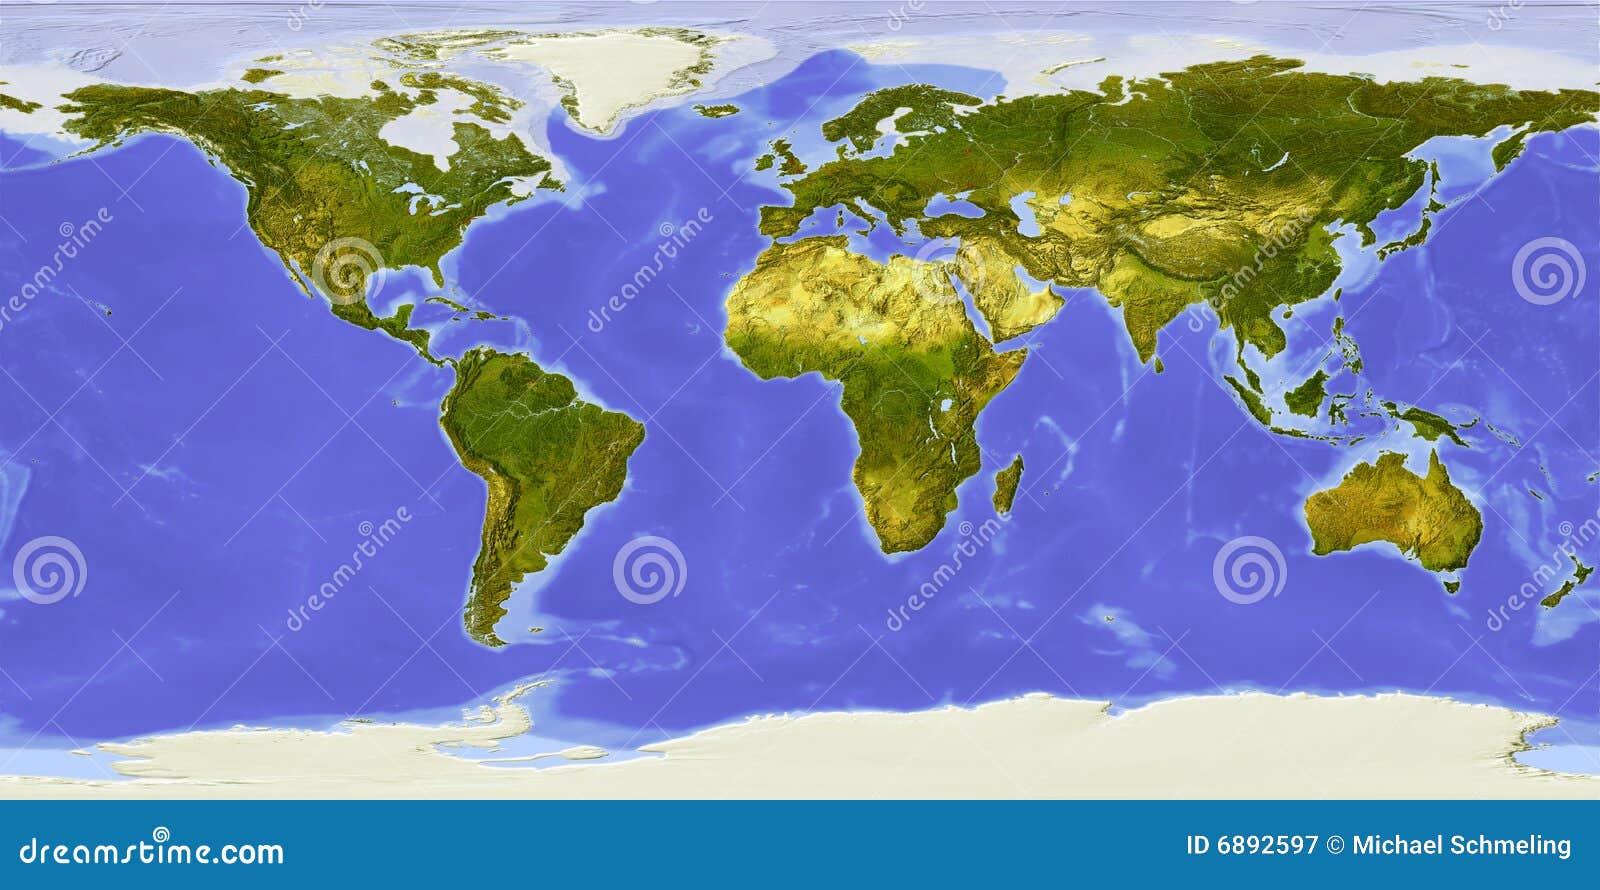 Mapa de mundo, relevo protegido, centrado em África